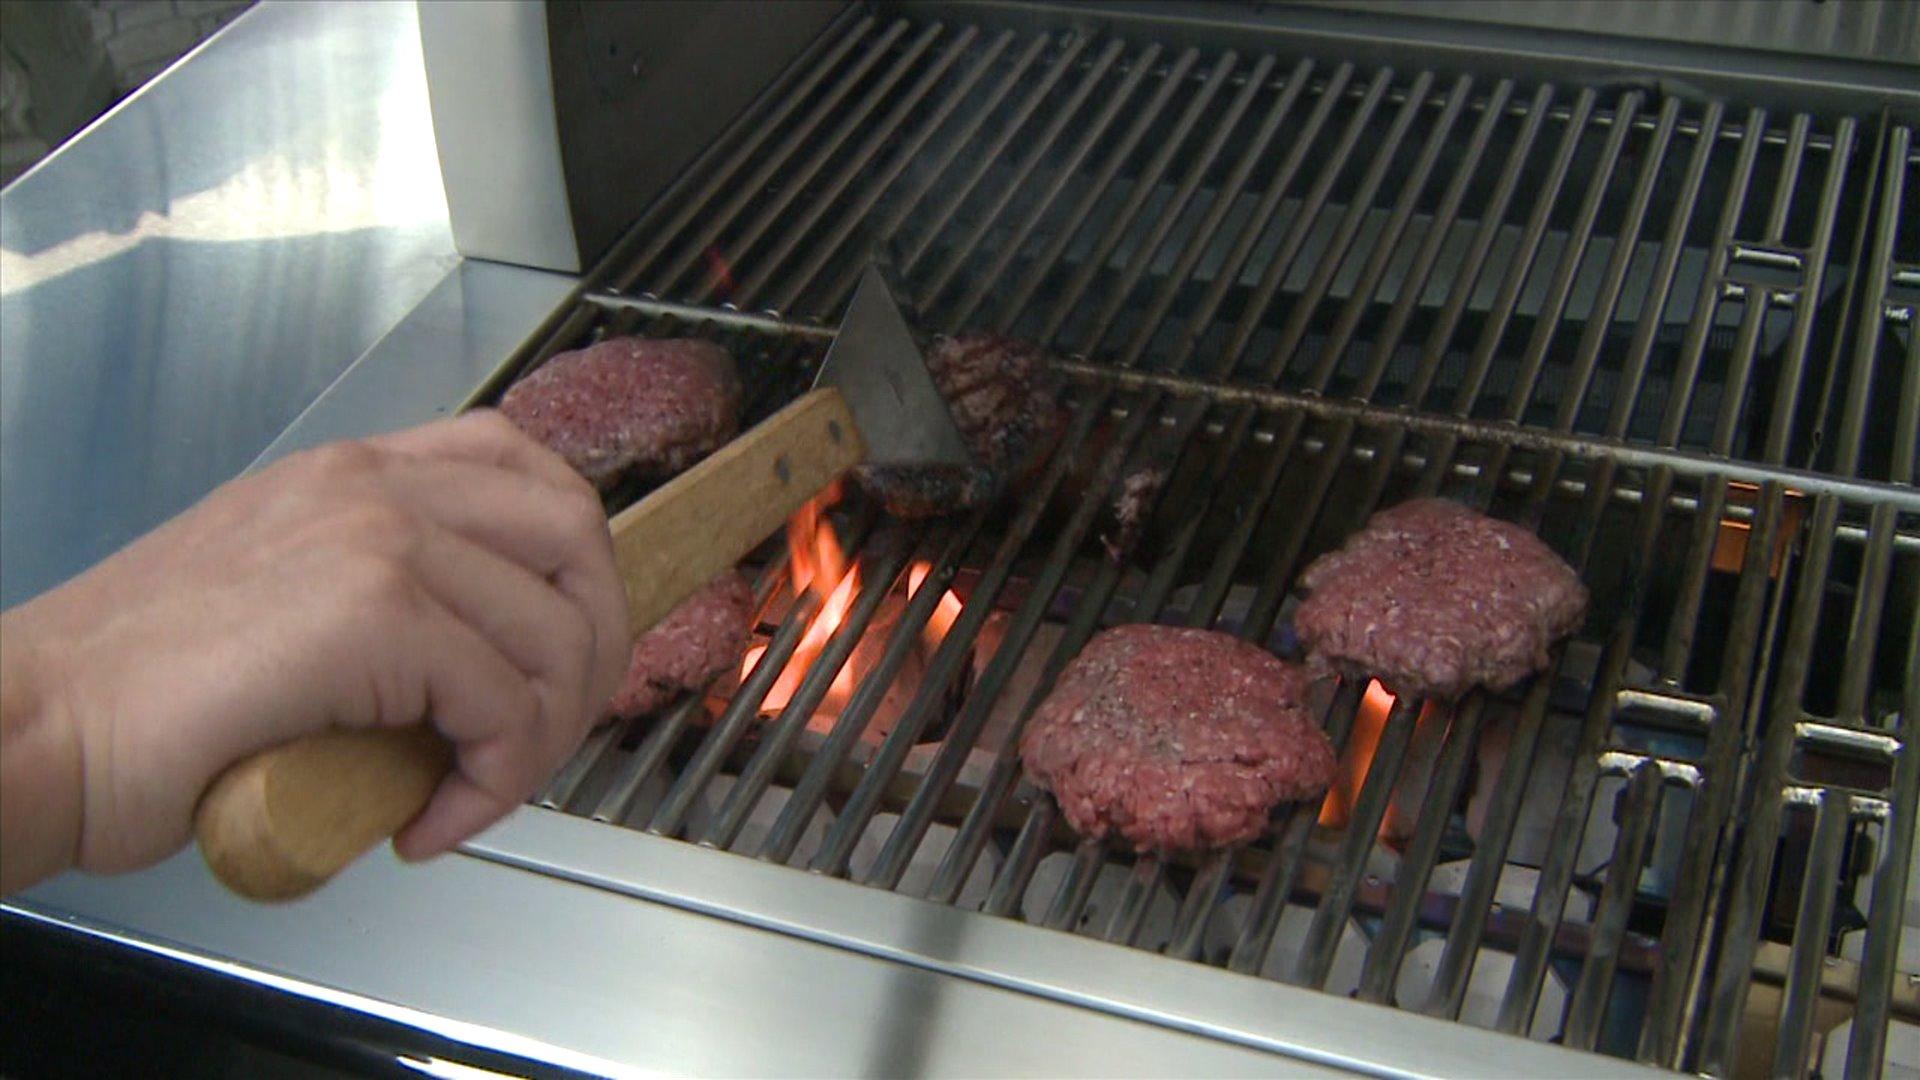 grill danger